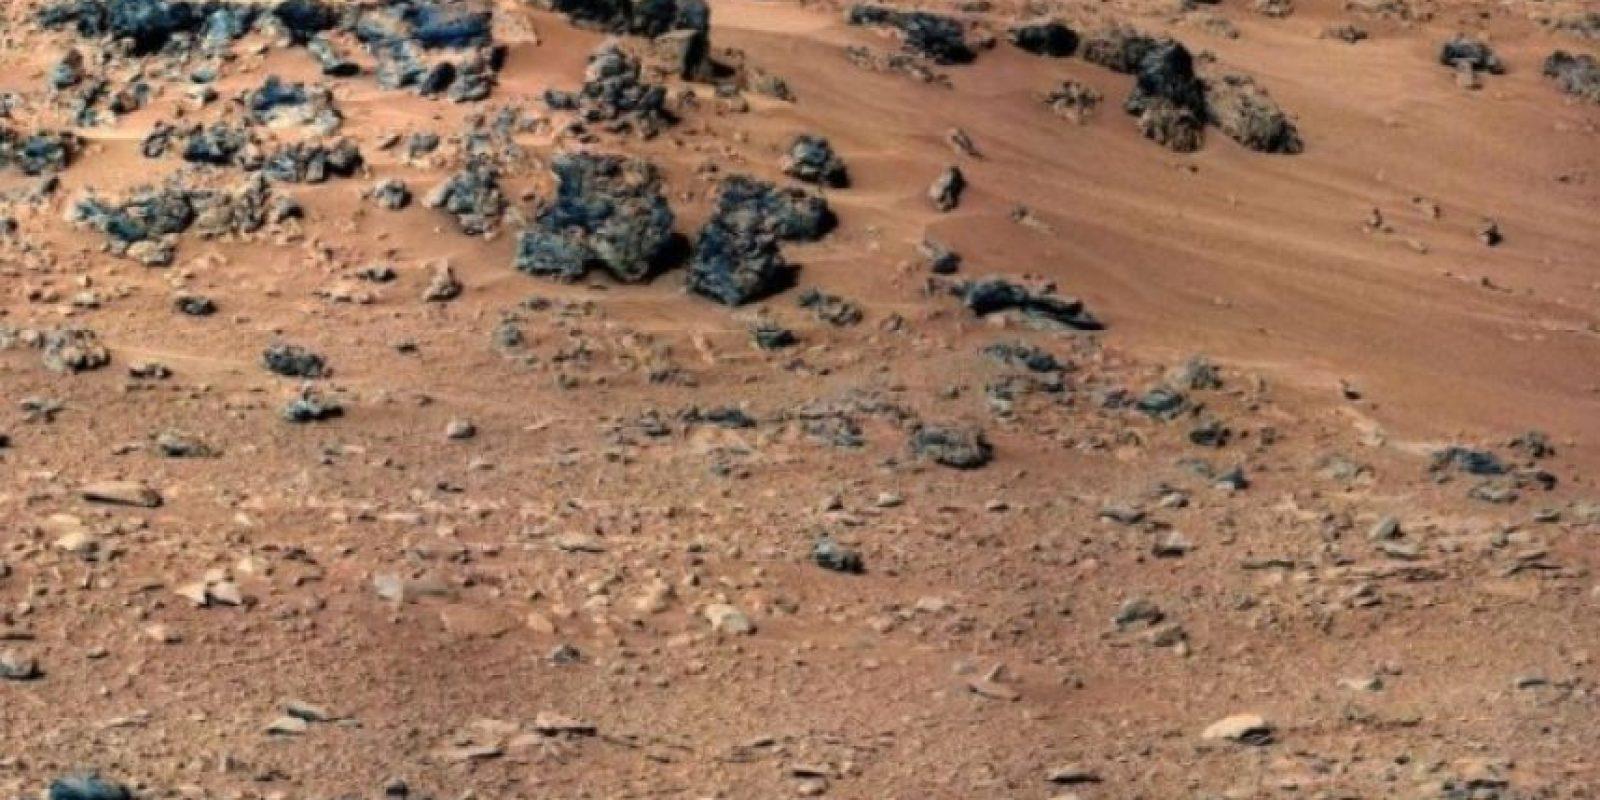 Fue descubierta en mayo de 2013. Foto:NASA – Foto original en http://www.nasa.gov/mission_pages/msl/multimedia/pia16204.html